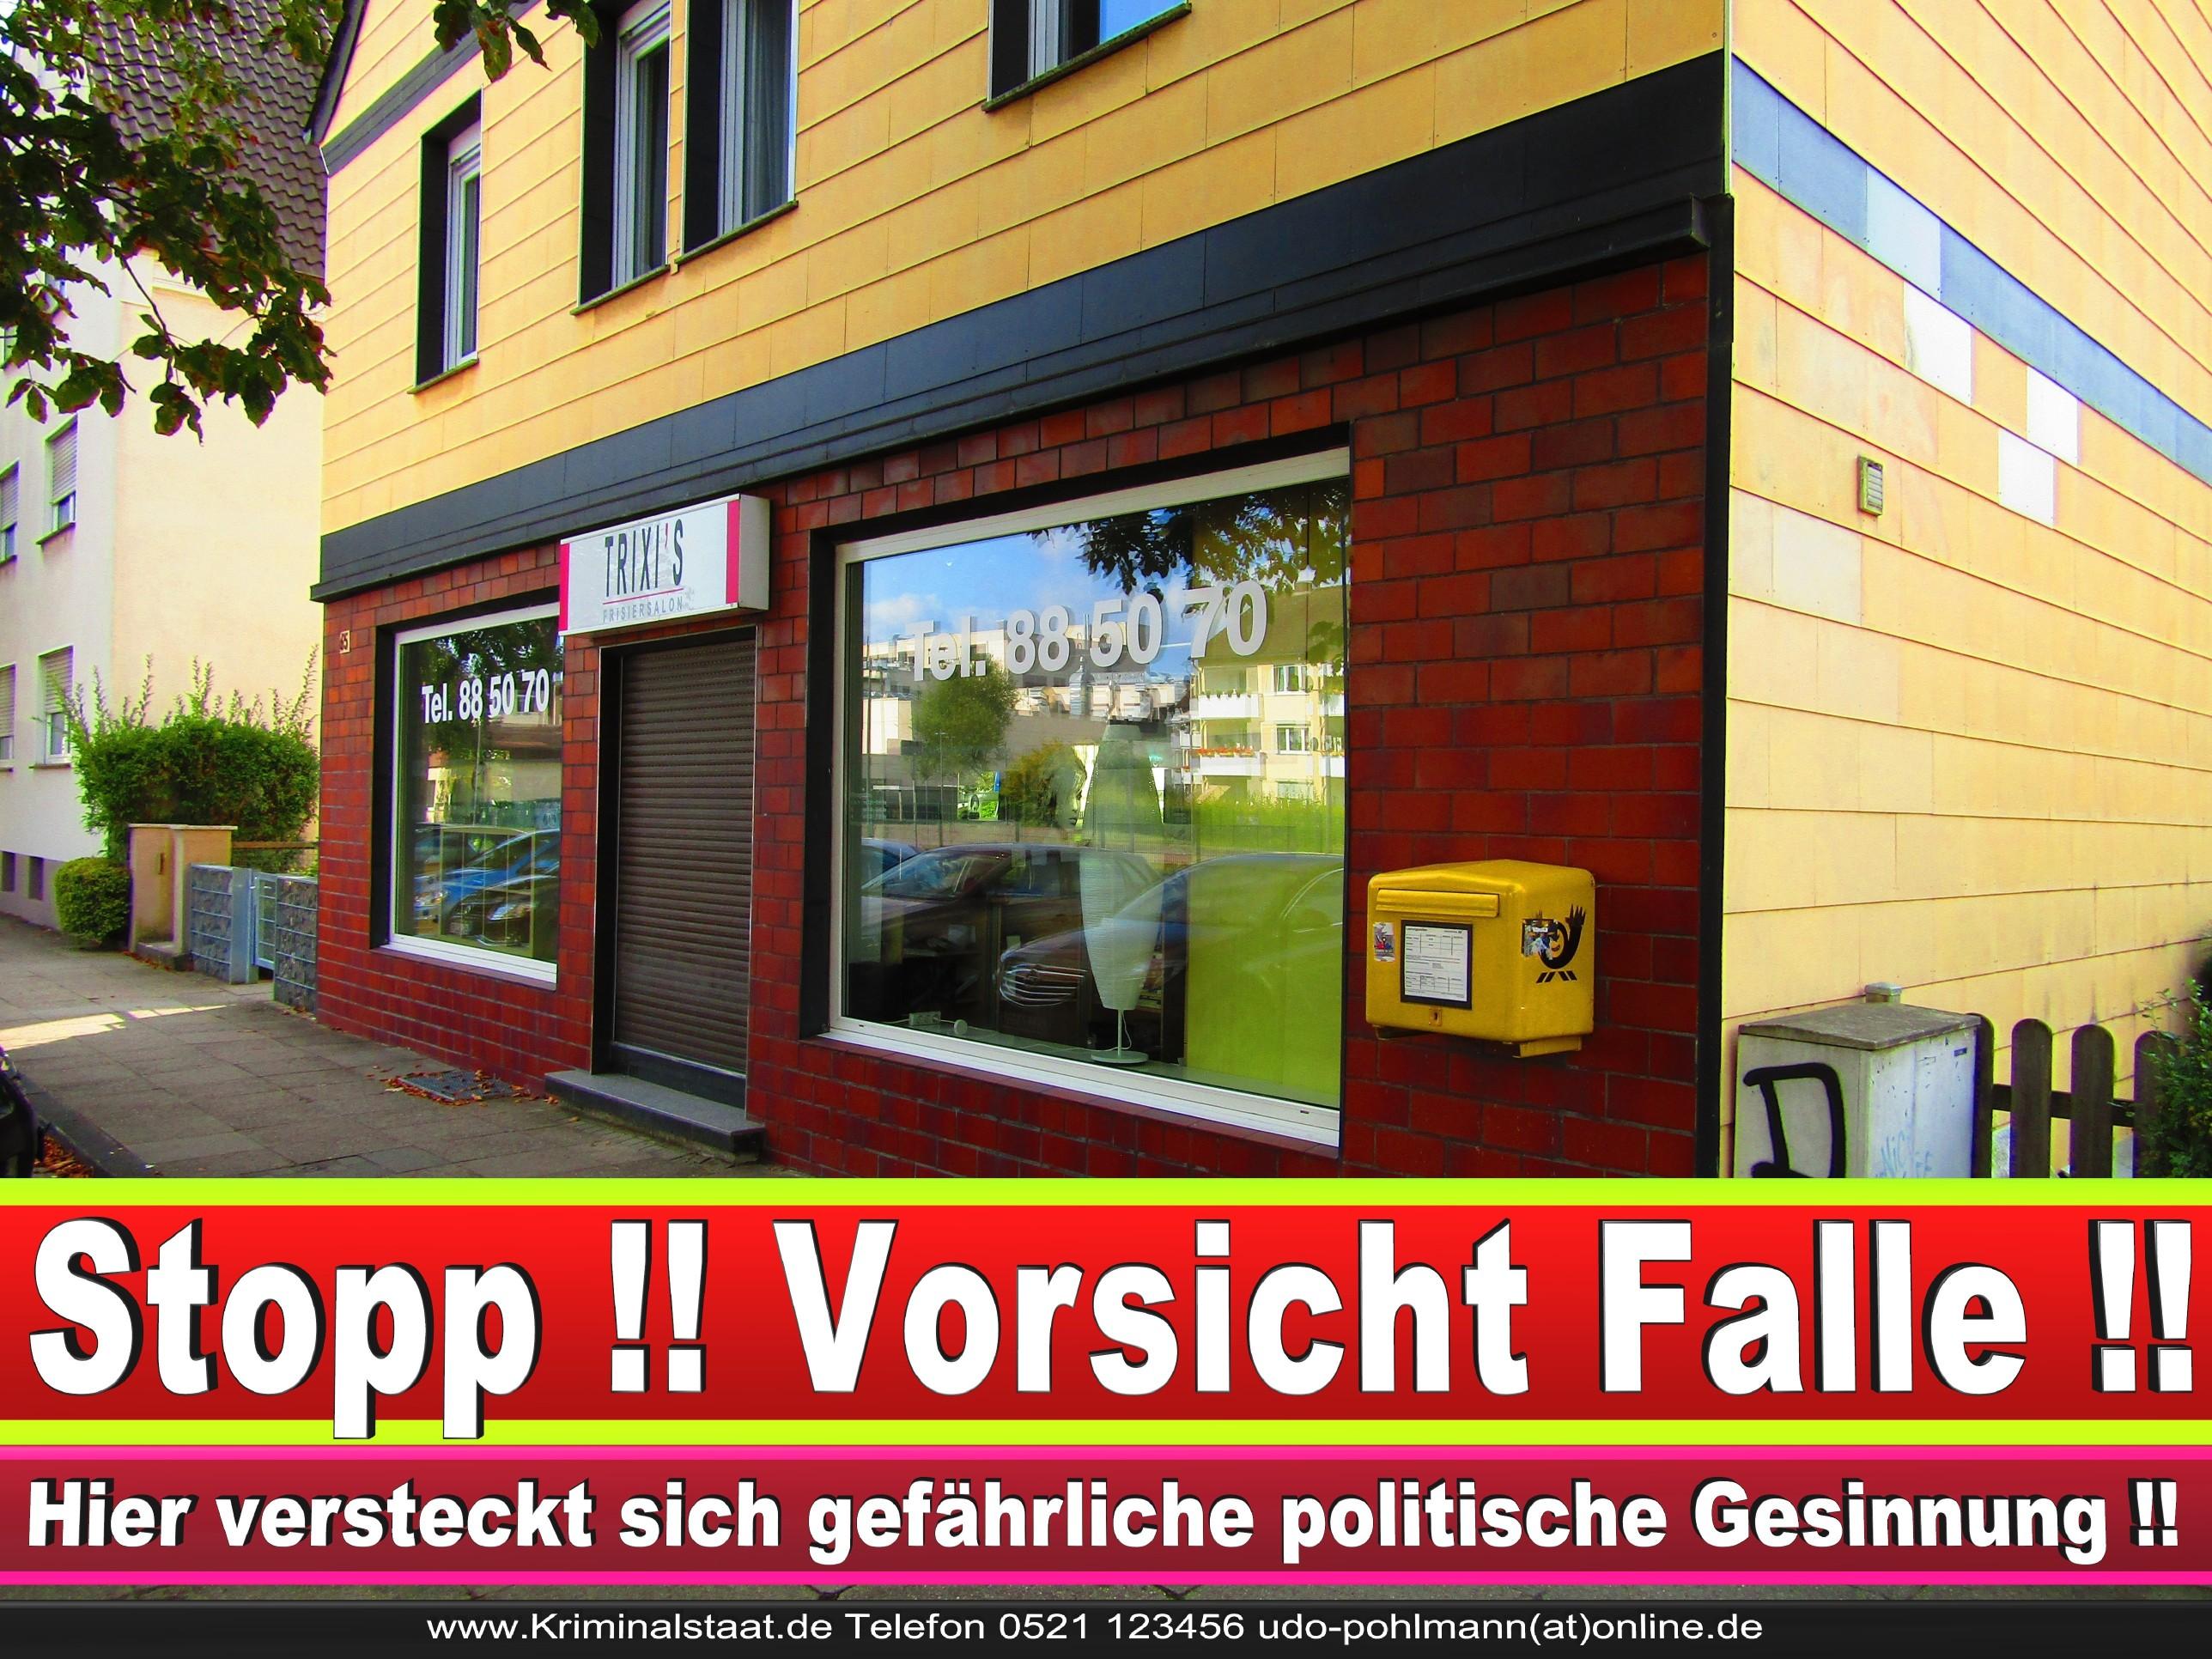 PATRICIA WEHMEYER TRIXI CDU BIELEFELD HAIRSALON FRISEUR 12 LANDTAGSWAHL BUNDESTAGSWAHL BÜRGERMEISTERWAHL